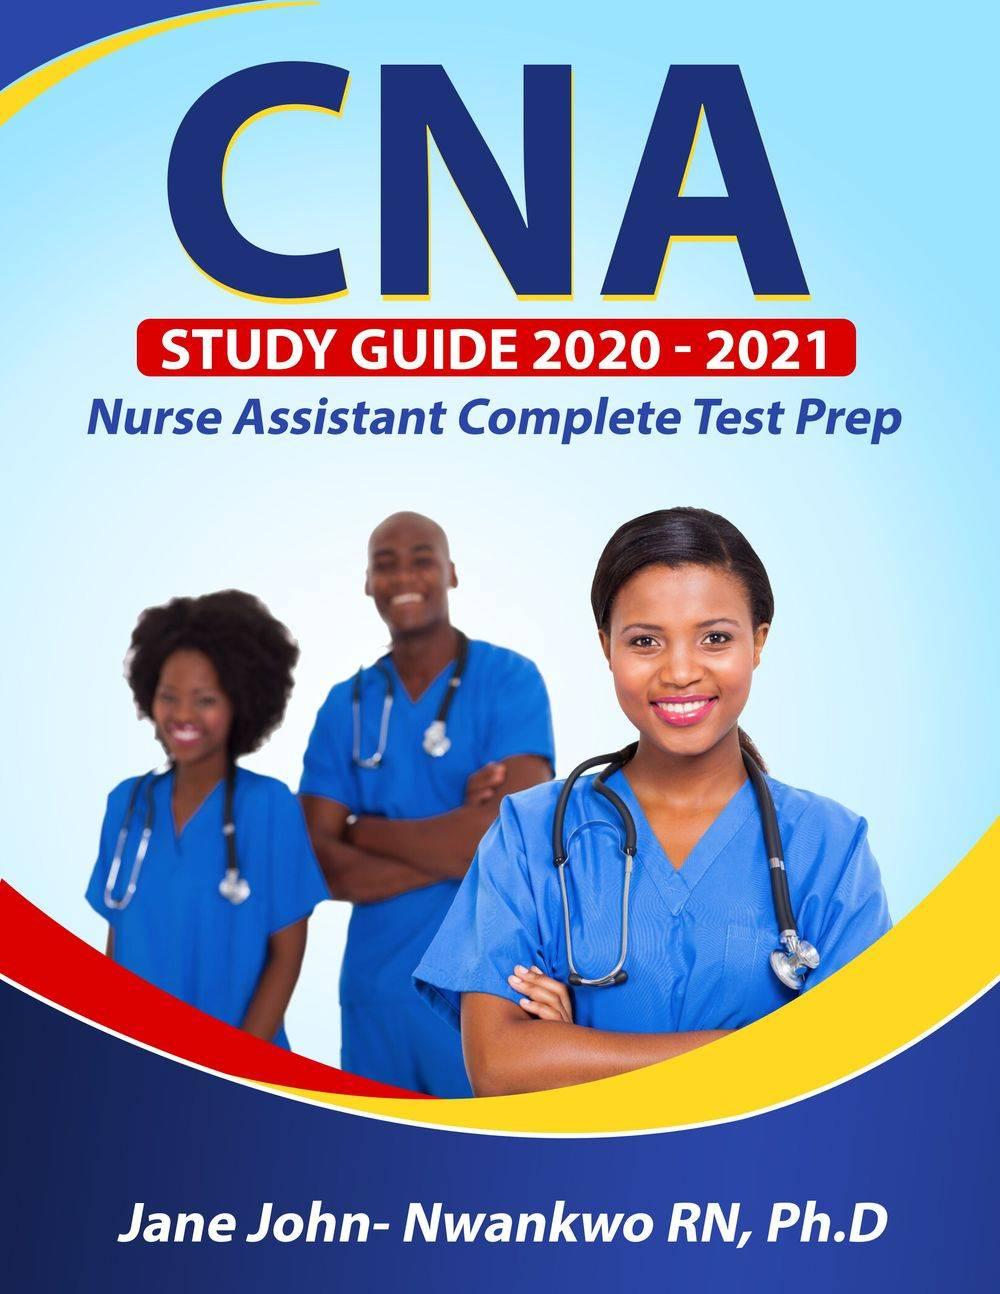 CNA study guide 2021